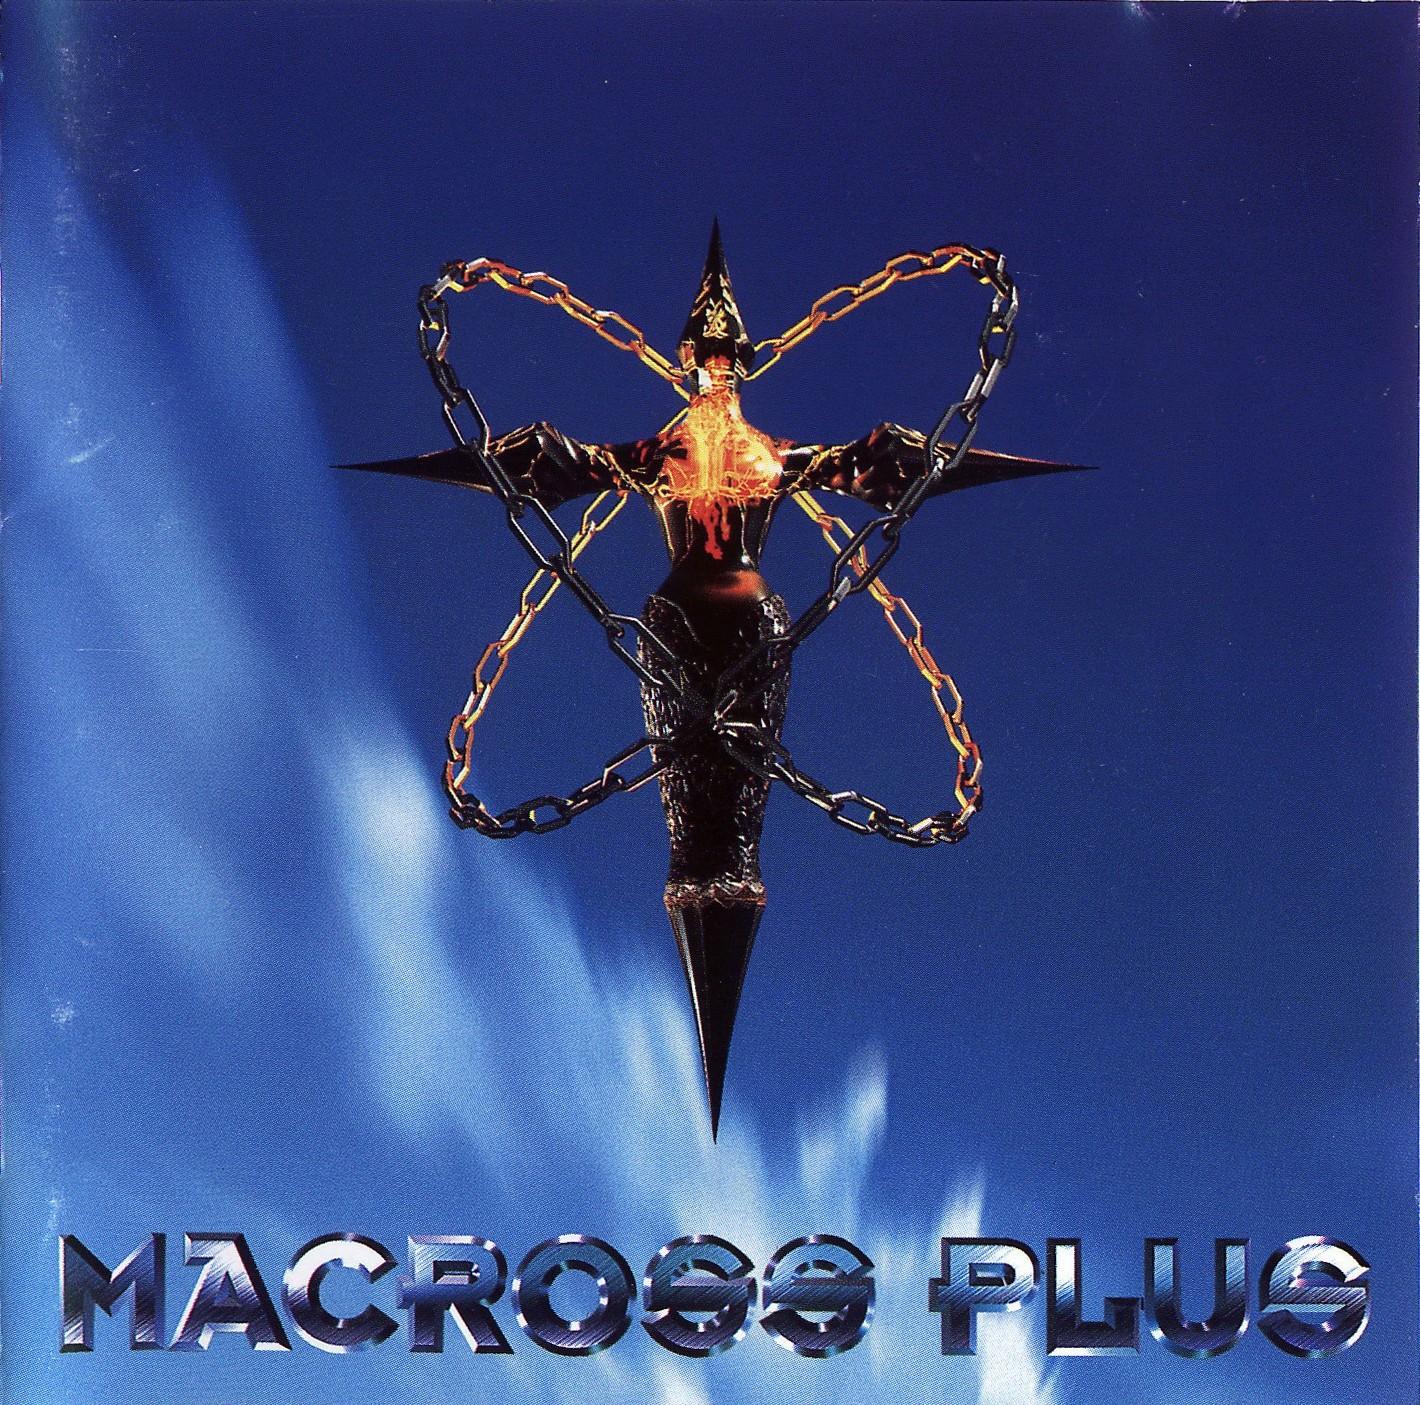 菅野よう子  (Yoko Kanno) – Macross Plus Original Sound Track II [FLAC / 24bit Lossless / WEB] [1995.07.21]